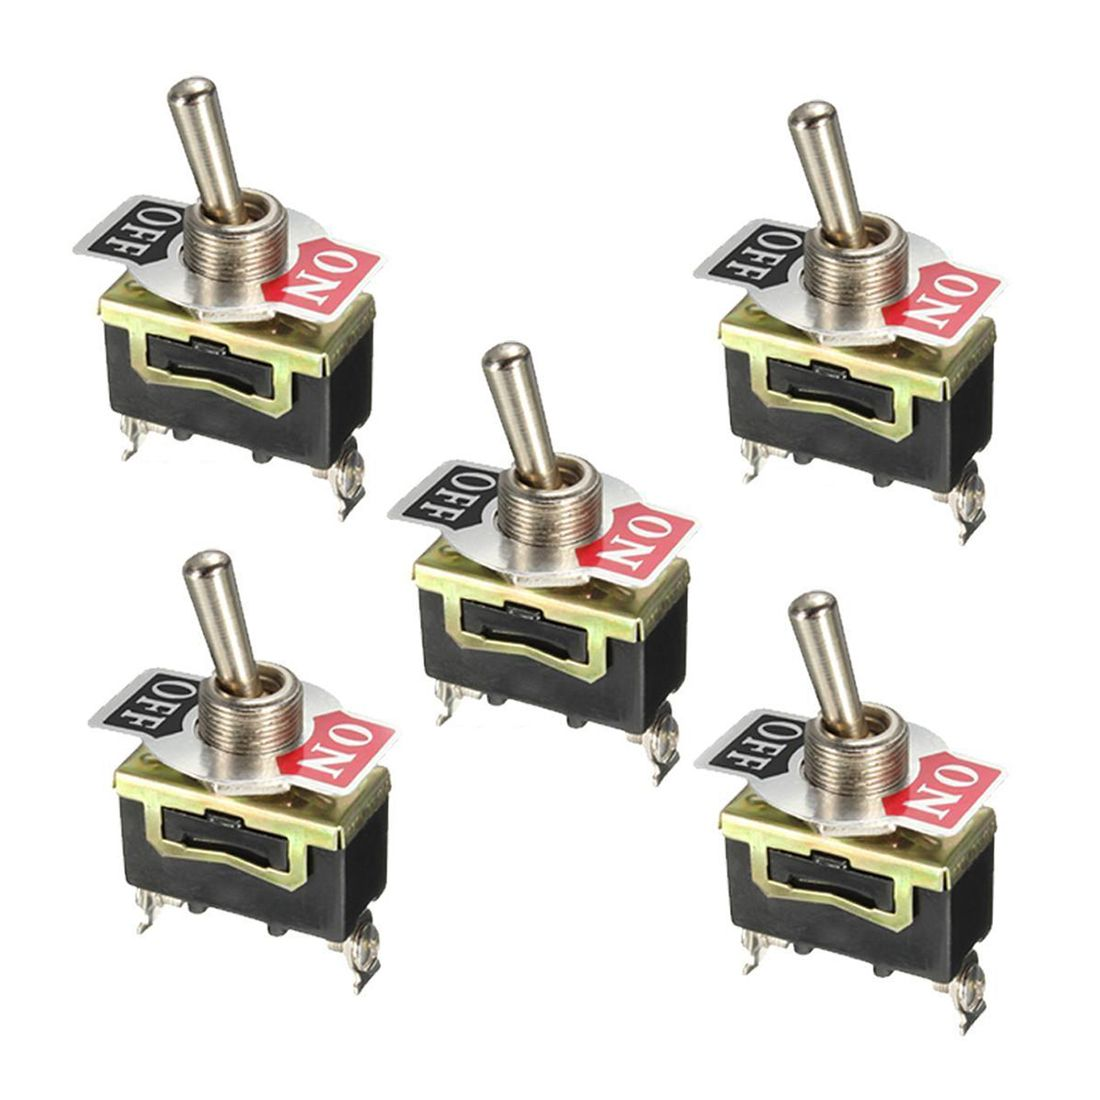 5 stücke 12 V Schwere Toggle Flick Schalter ON/OFF Auto Dash Licht Metall SPST 12 Volt